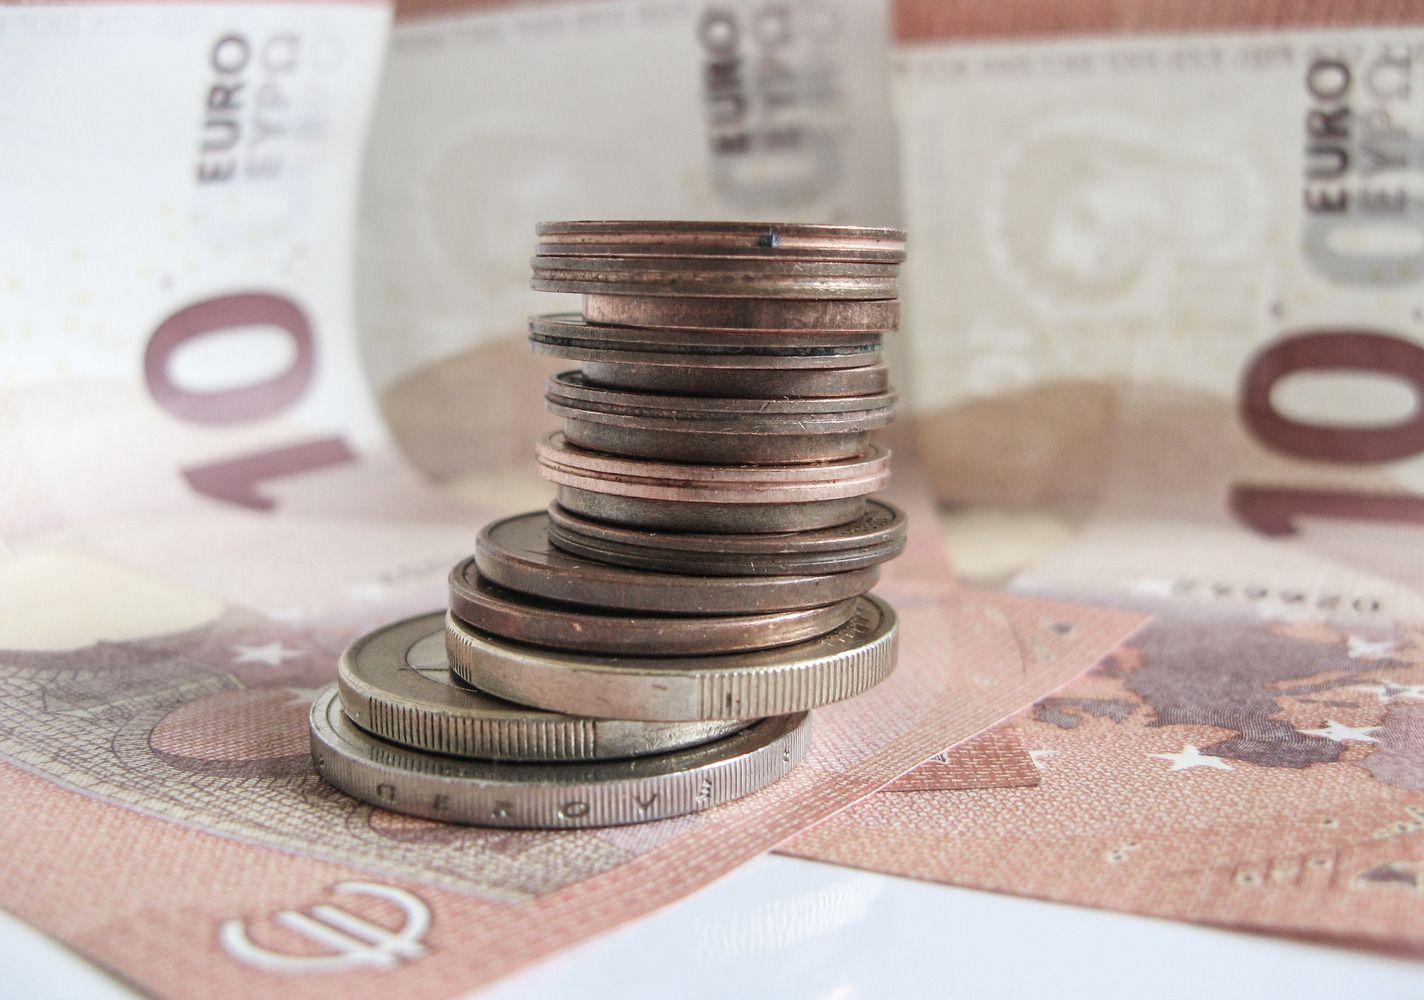 Seimo kairiejilipa ant latviško grėblio: siūlo progresinius mokesčius